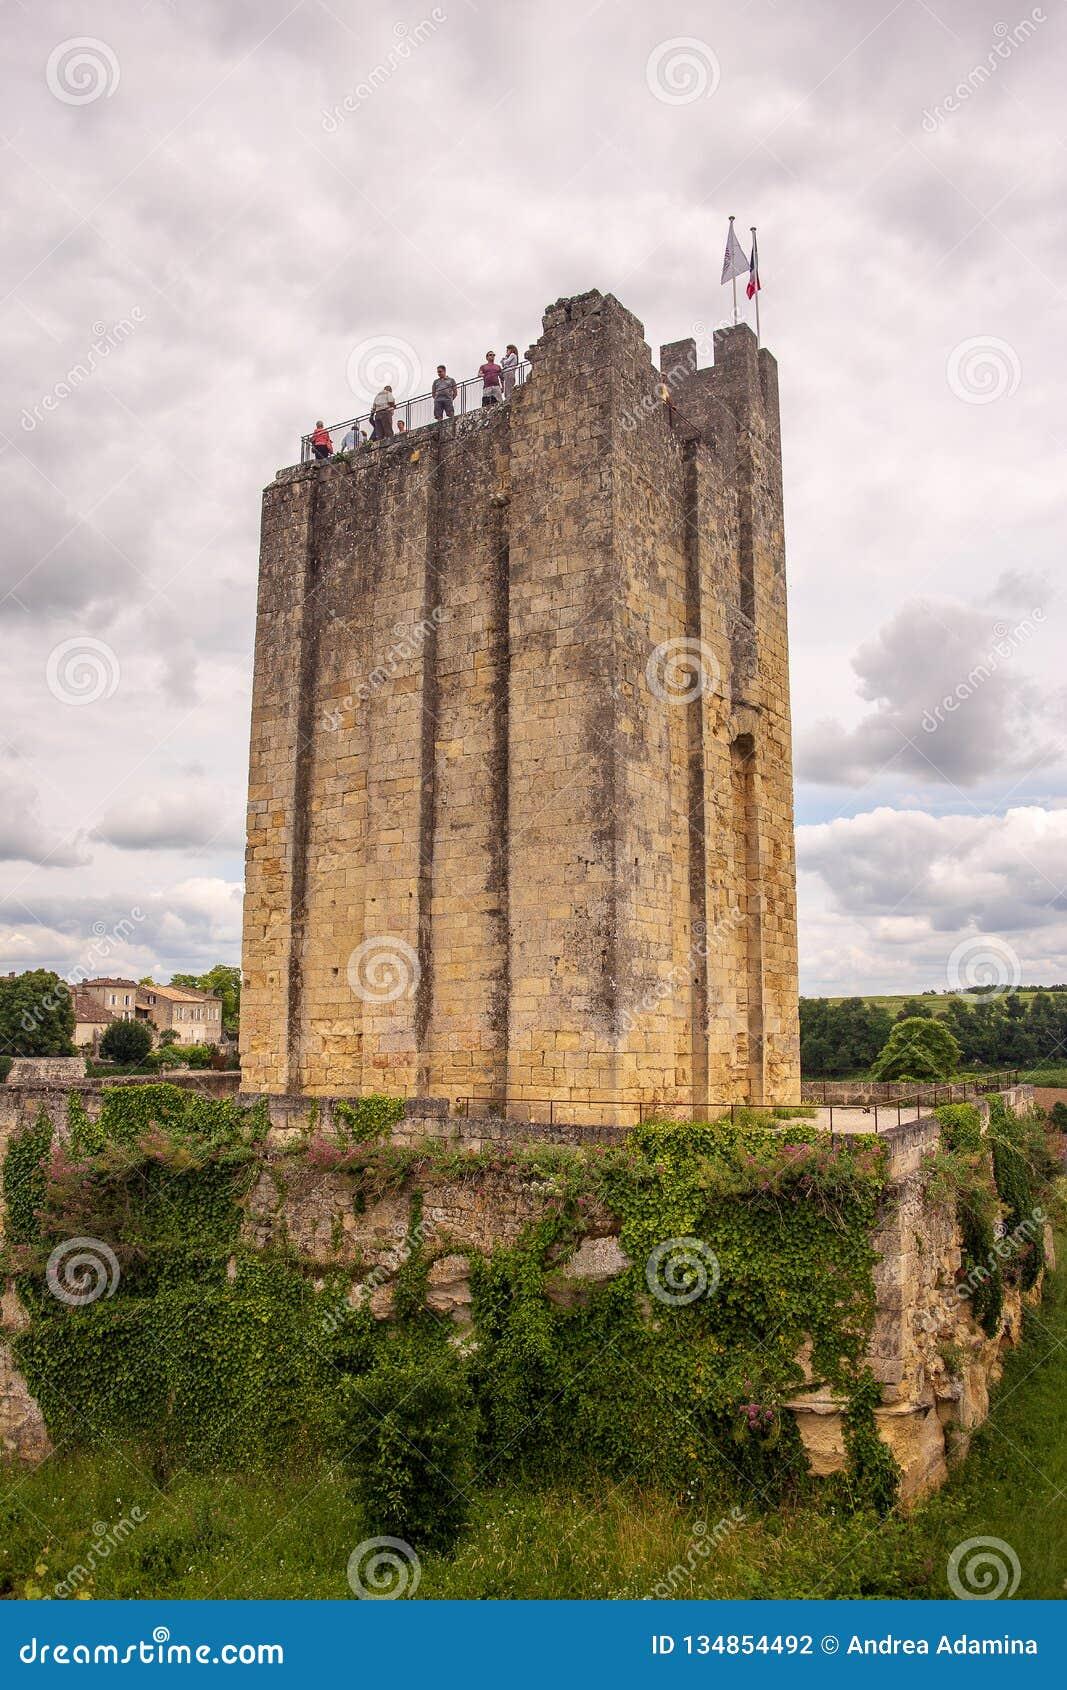 Som emillionen som finaste det lokaliserade france här arvet kände igen saintlokalen några unesco-vingårdar, var världen Några av